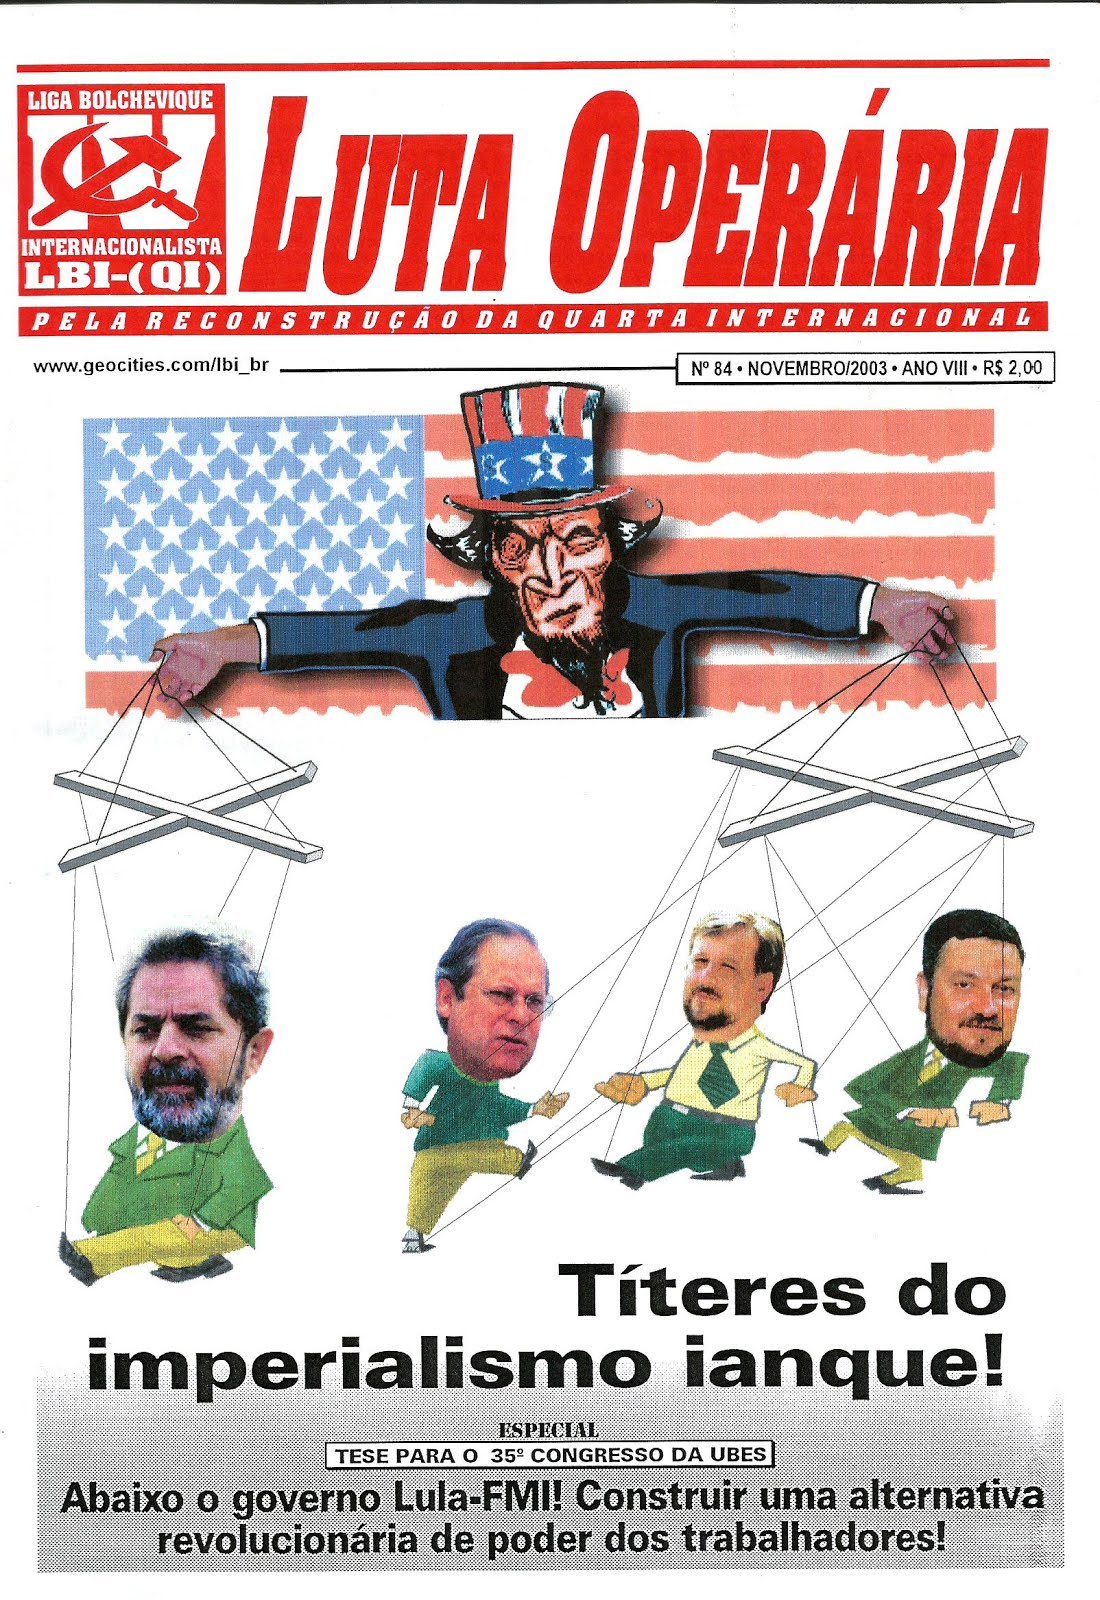 LEIA A EDIÇÃO DO JORNAL LUTA OPERÁRIA Nº 84, NOVEMBRO/2003